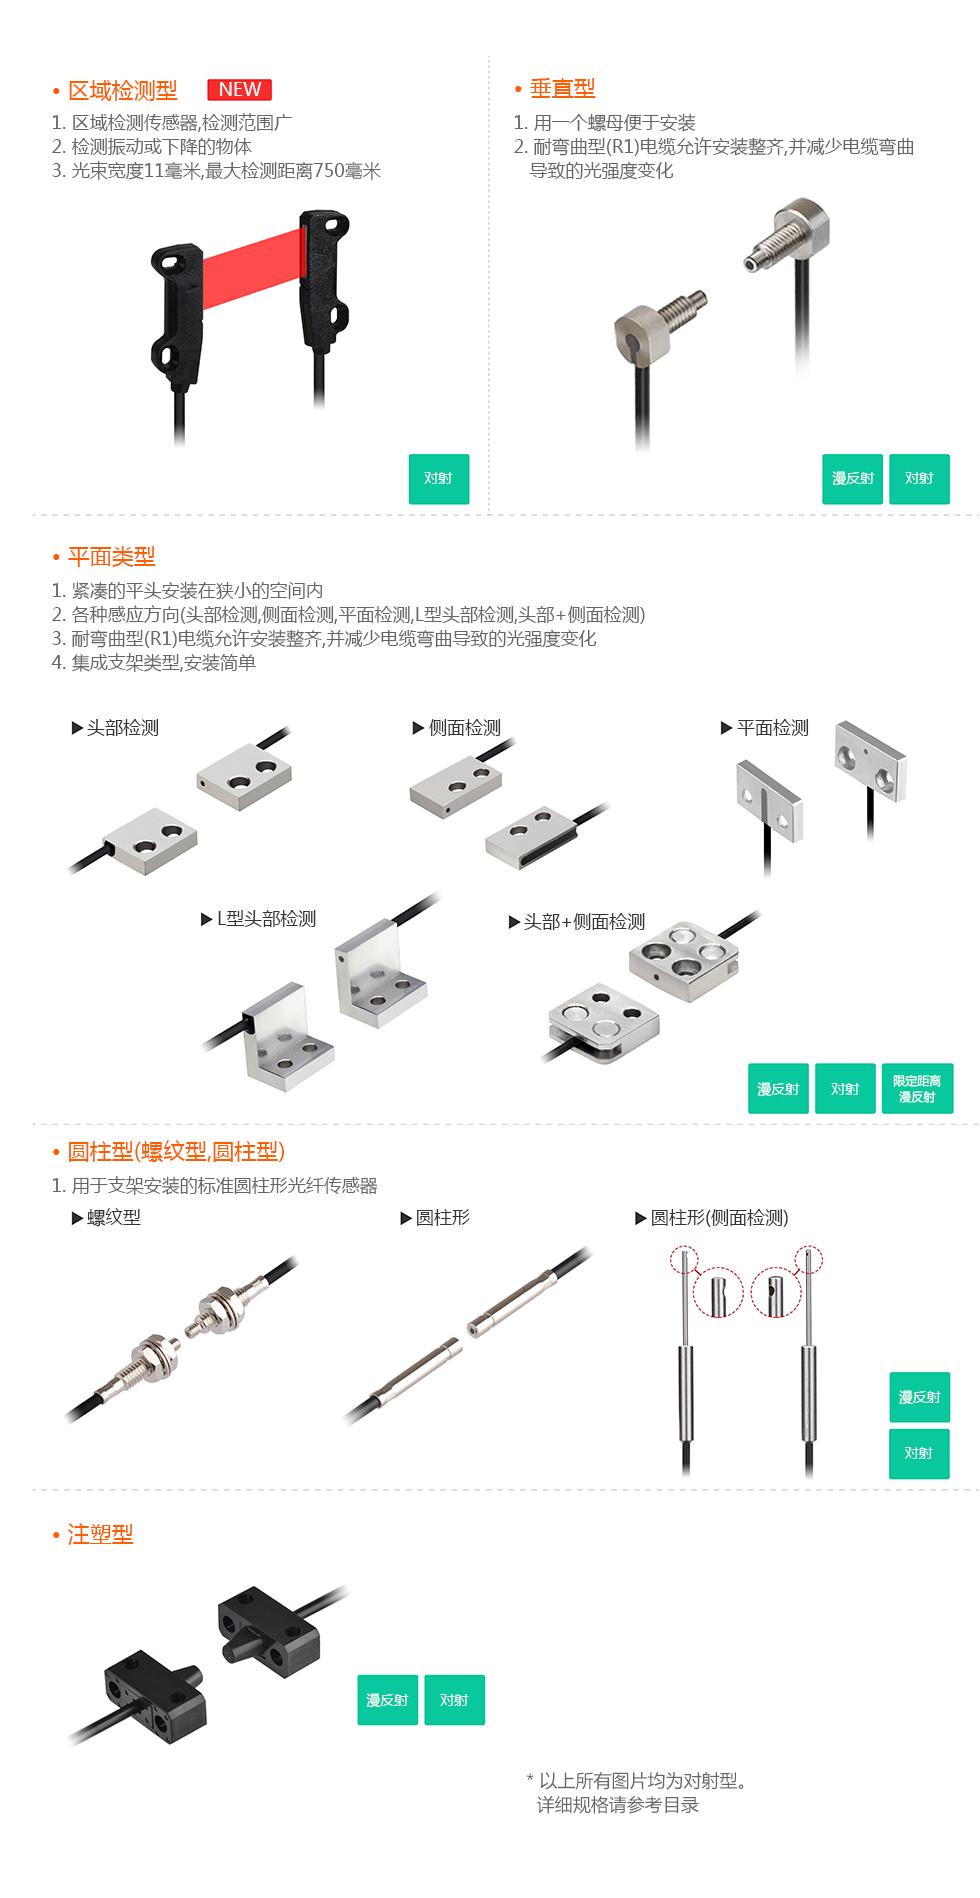 六种关纤头类型 : See below for more details